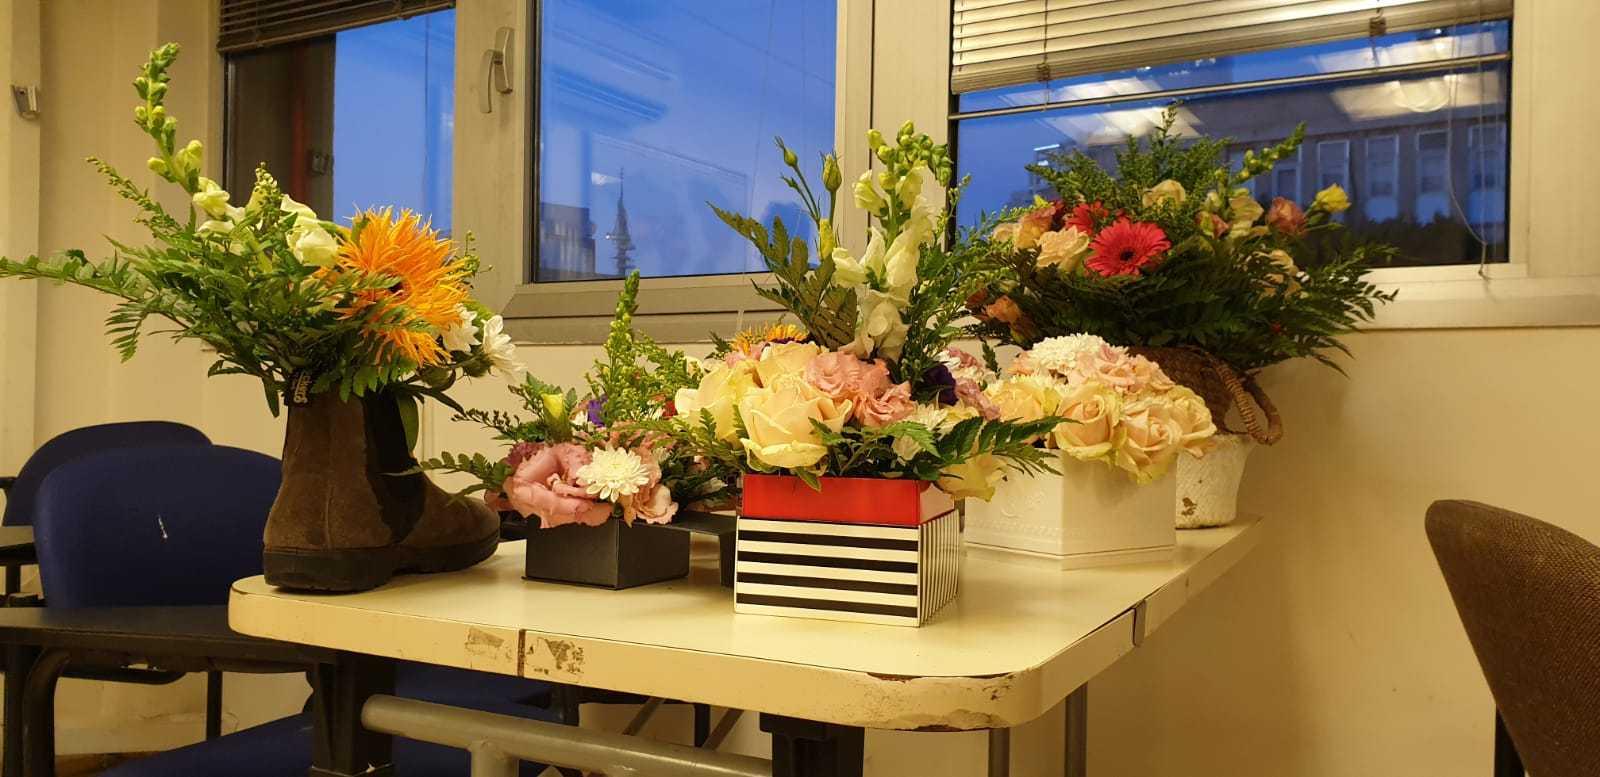 גלרייה - שיעור שזירת פרחים - קורס הפקת אירועים מחזור 23, 7 מתוך 32